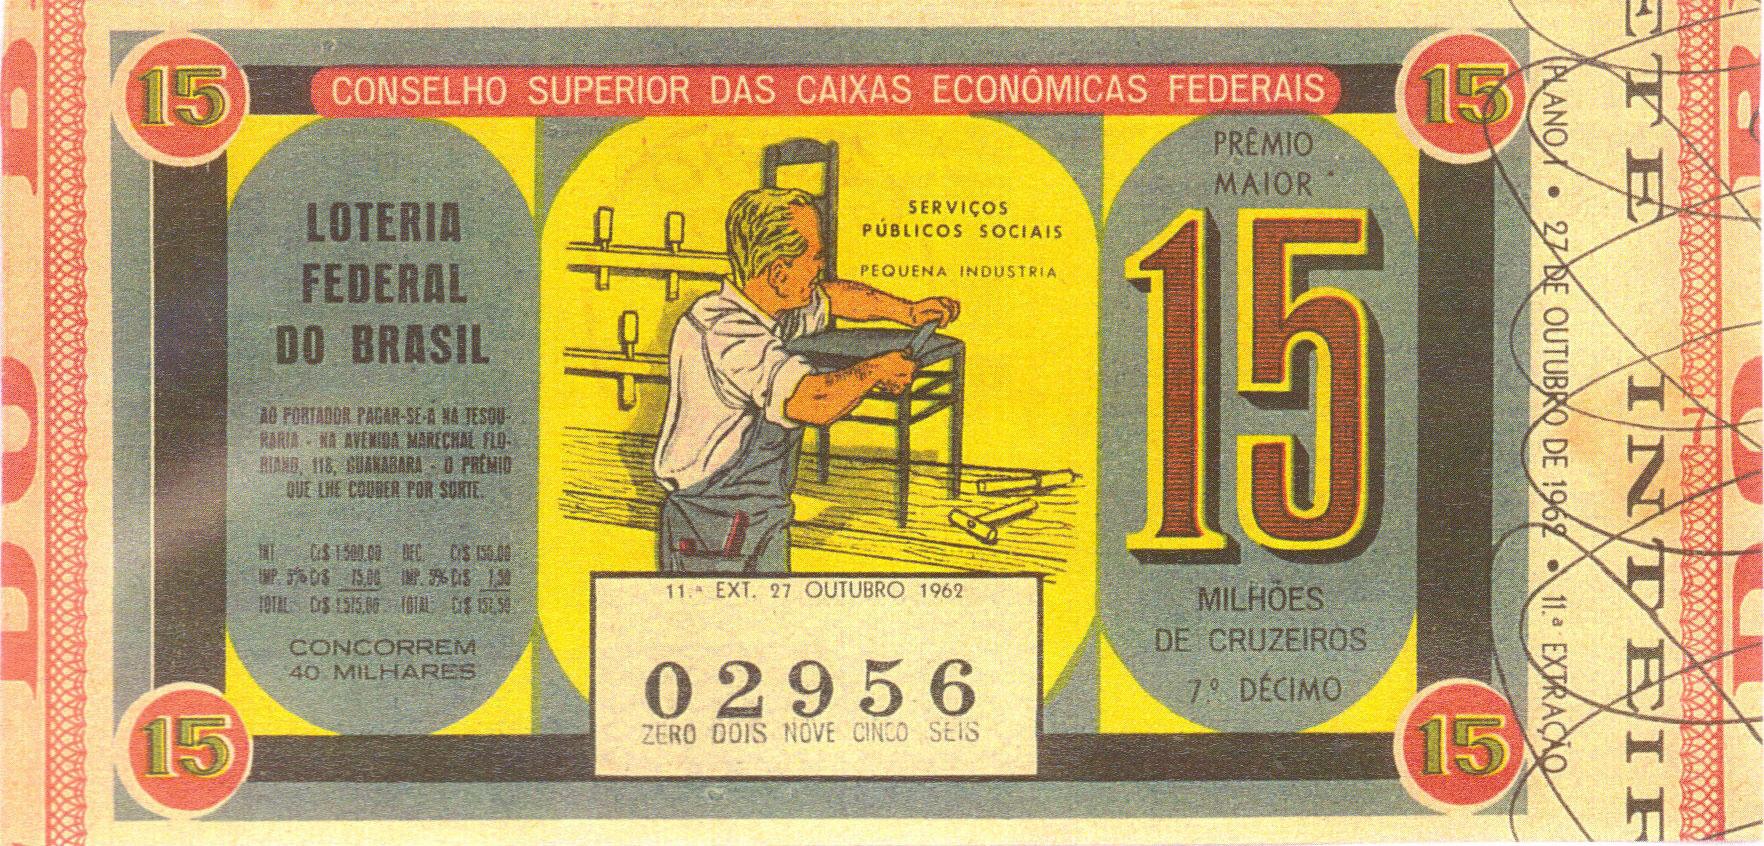 Extração 0011 - Serviços Públicos Sociais - Pequena Indústria